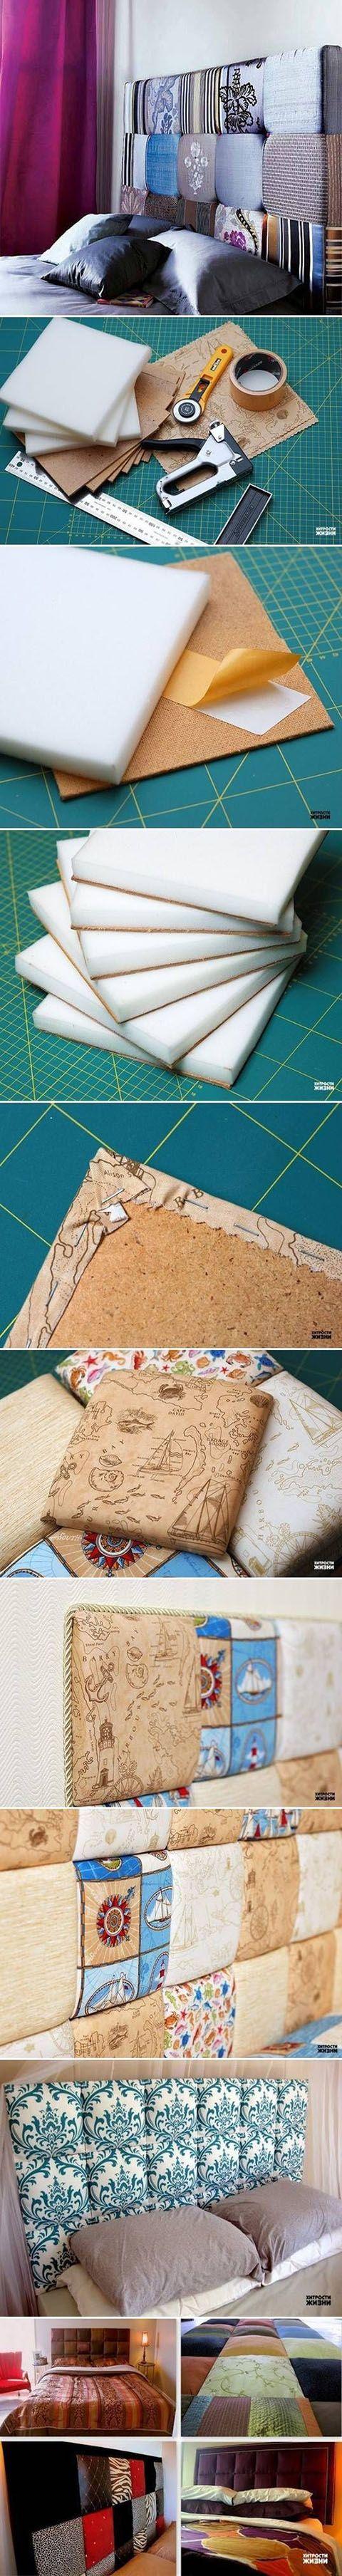 Cómo hacer una cabecera con cuadros de hule espuma y una tela con estampado favorito